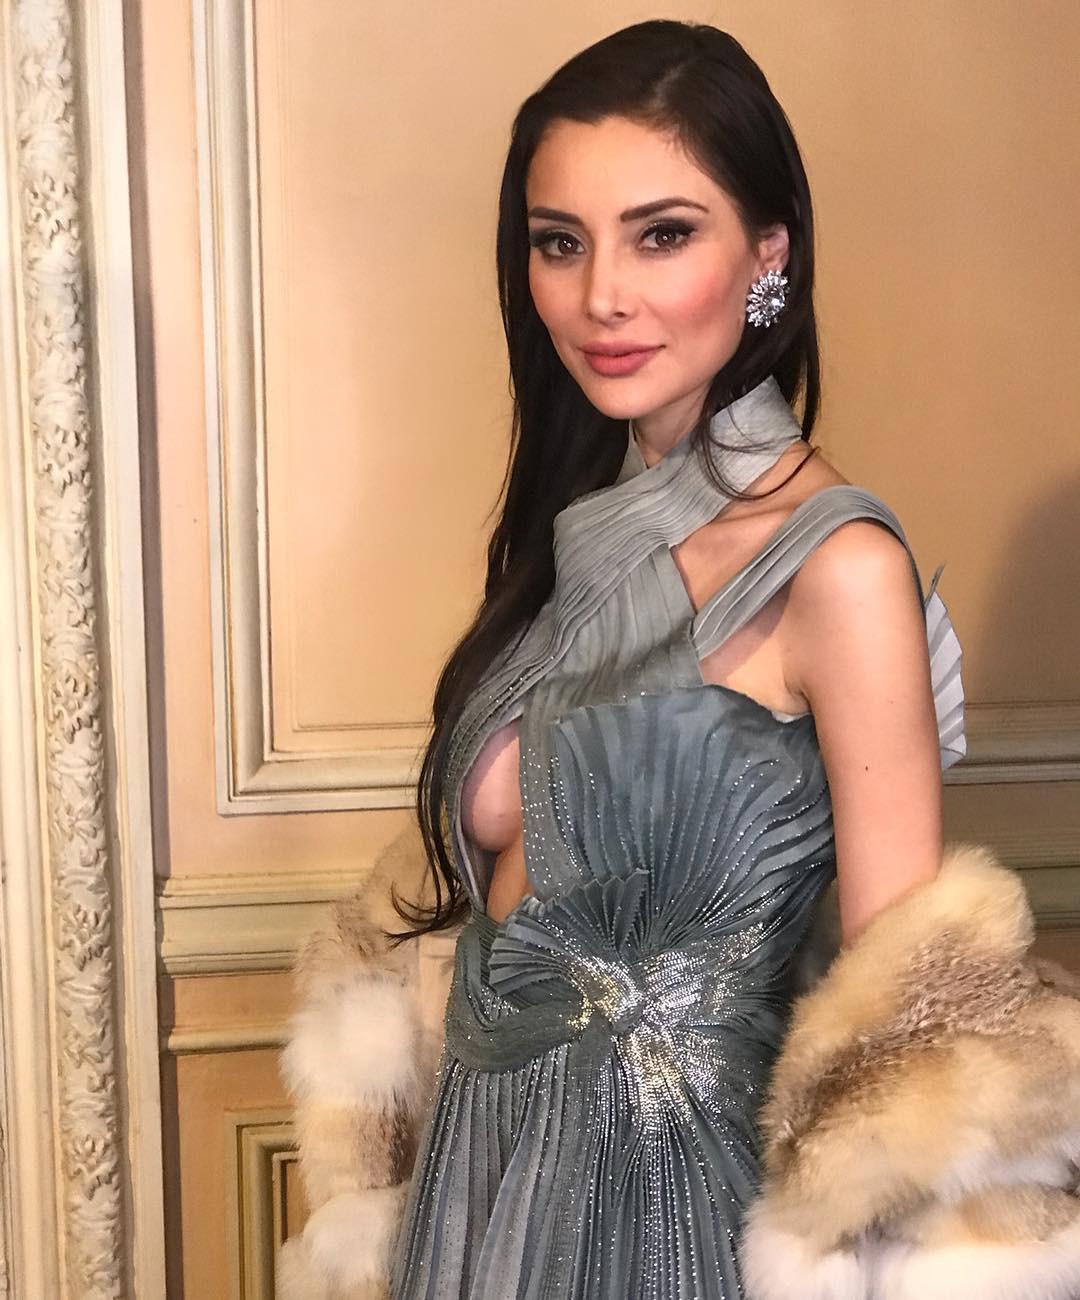 Sau 10 năm làm vợ của tỷ phú xấu xí, giàu khét tiếng Hong Kong, nàng siêu mẫu vẫn sống như bà hoàng trong nhung lụa  - Ảnh 8.